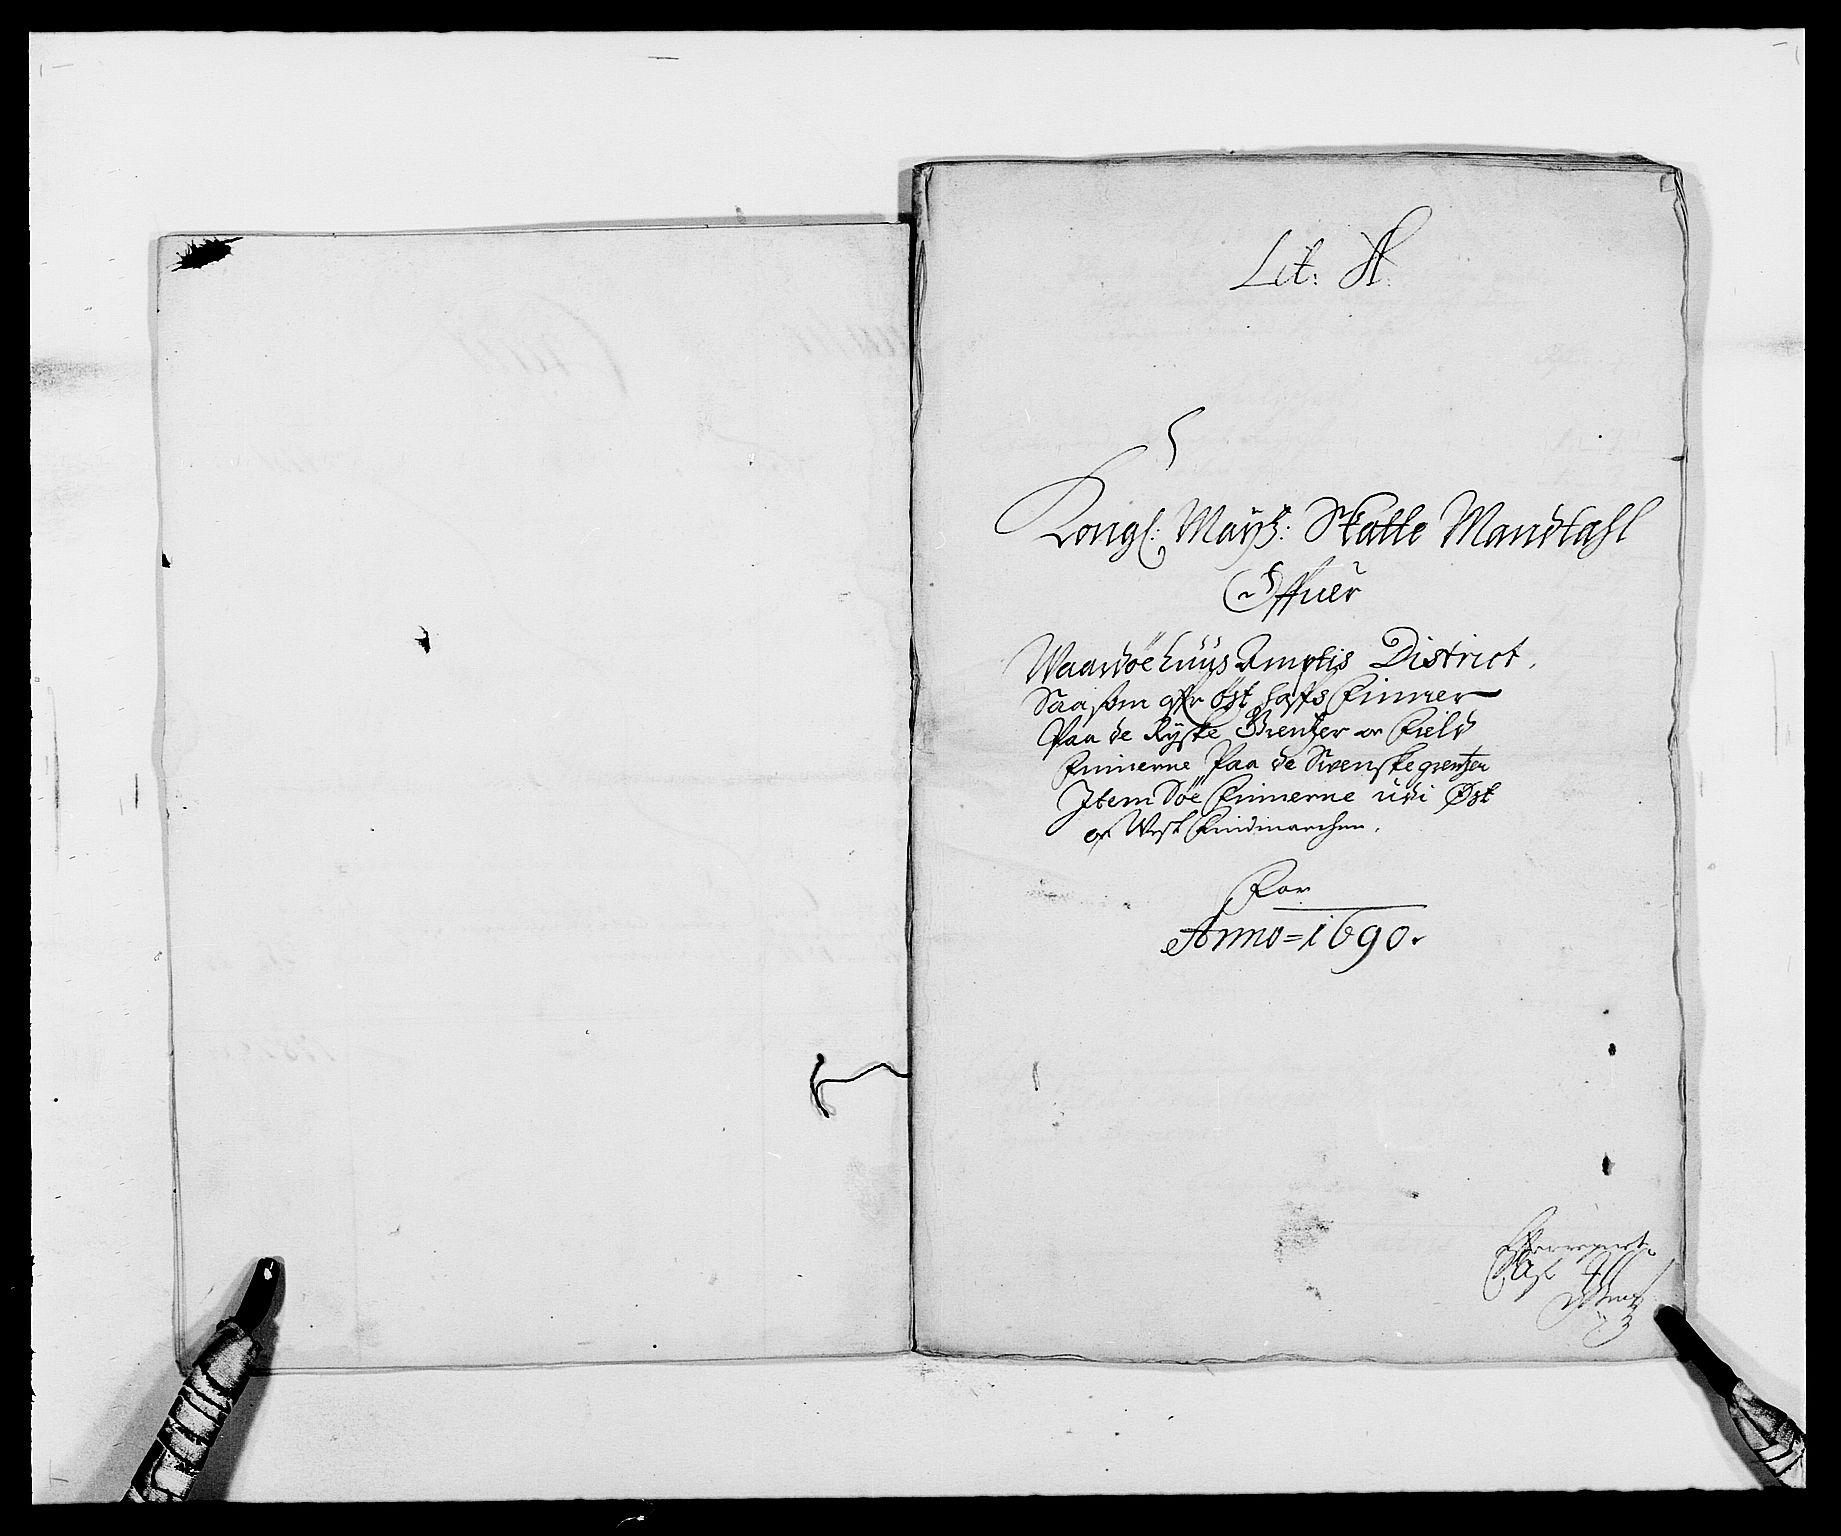 RA, Rentekammeret inntil 1814, Reviderte regnskaper, Fogderegnskap, R69/L4850: Fogderegnskap Finnmark/Vardøhus, 1680-1690, s. 205